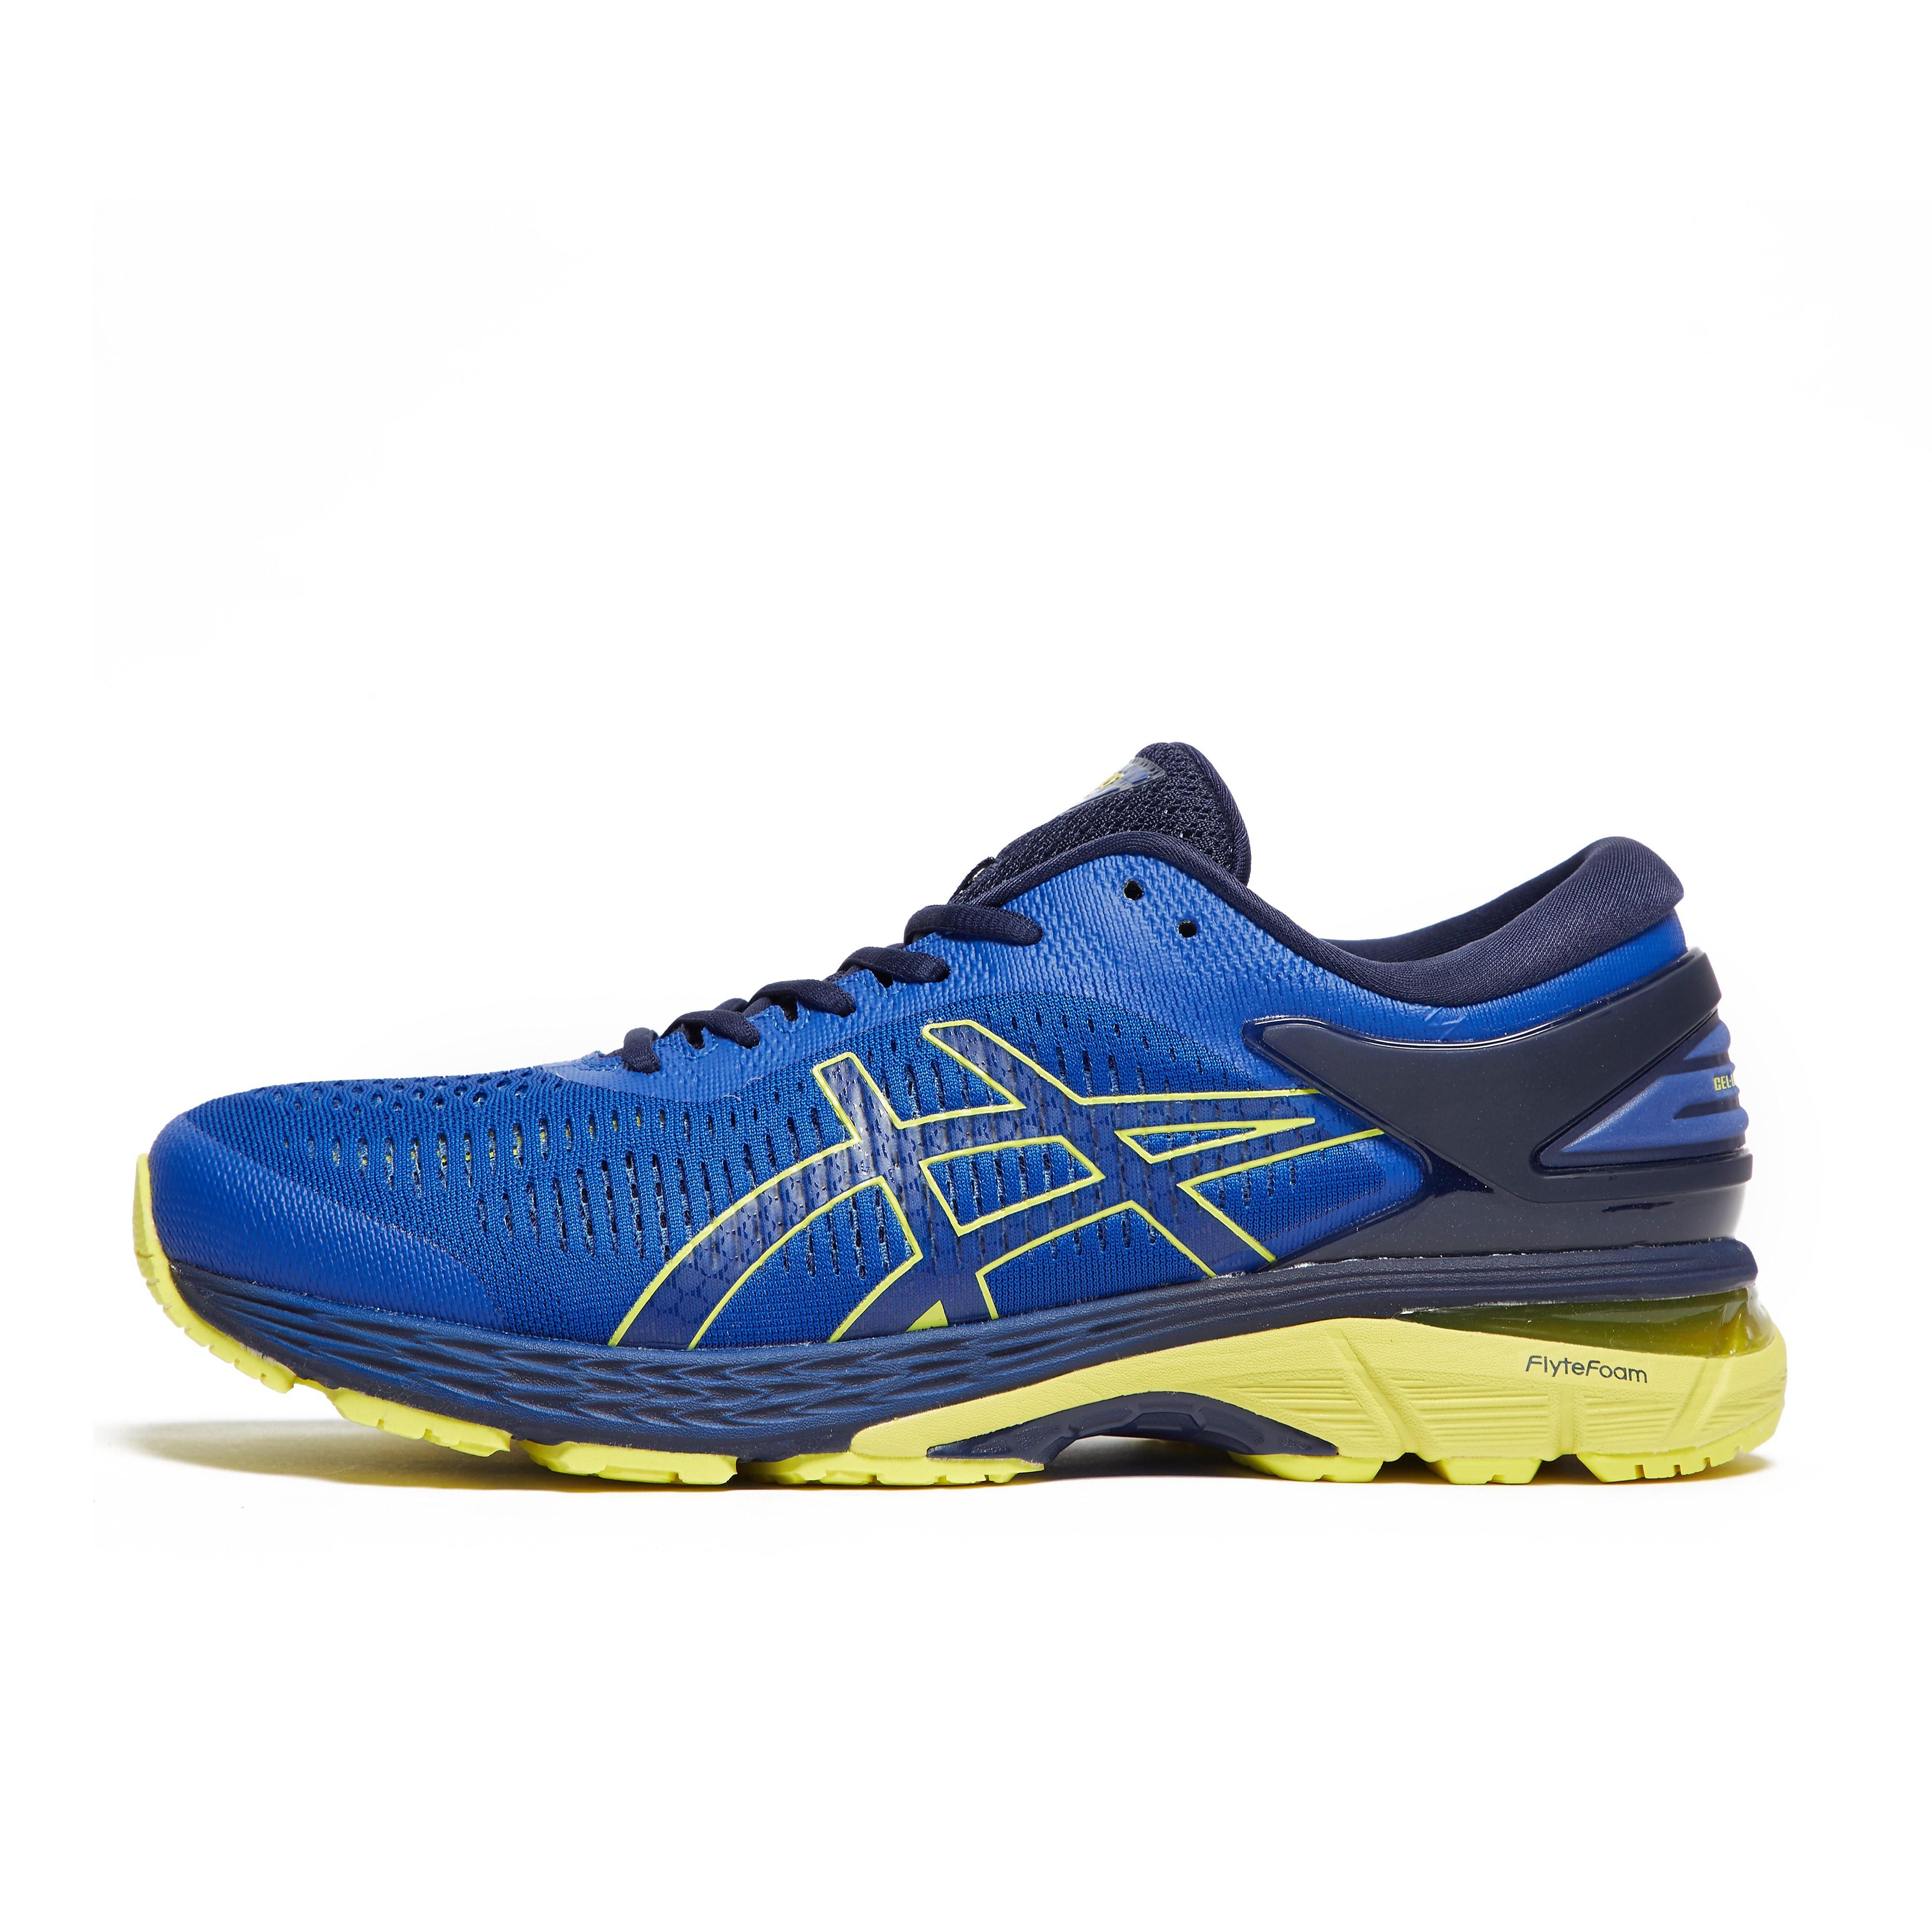 Mens Blue ASICS Gel-Kayano 25 Running Shoes